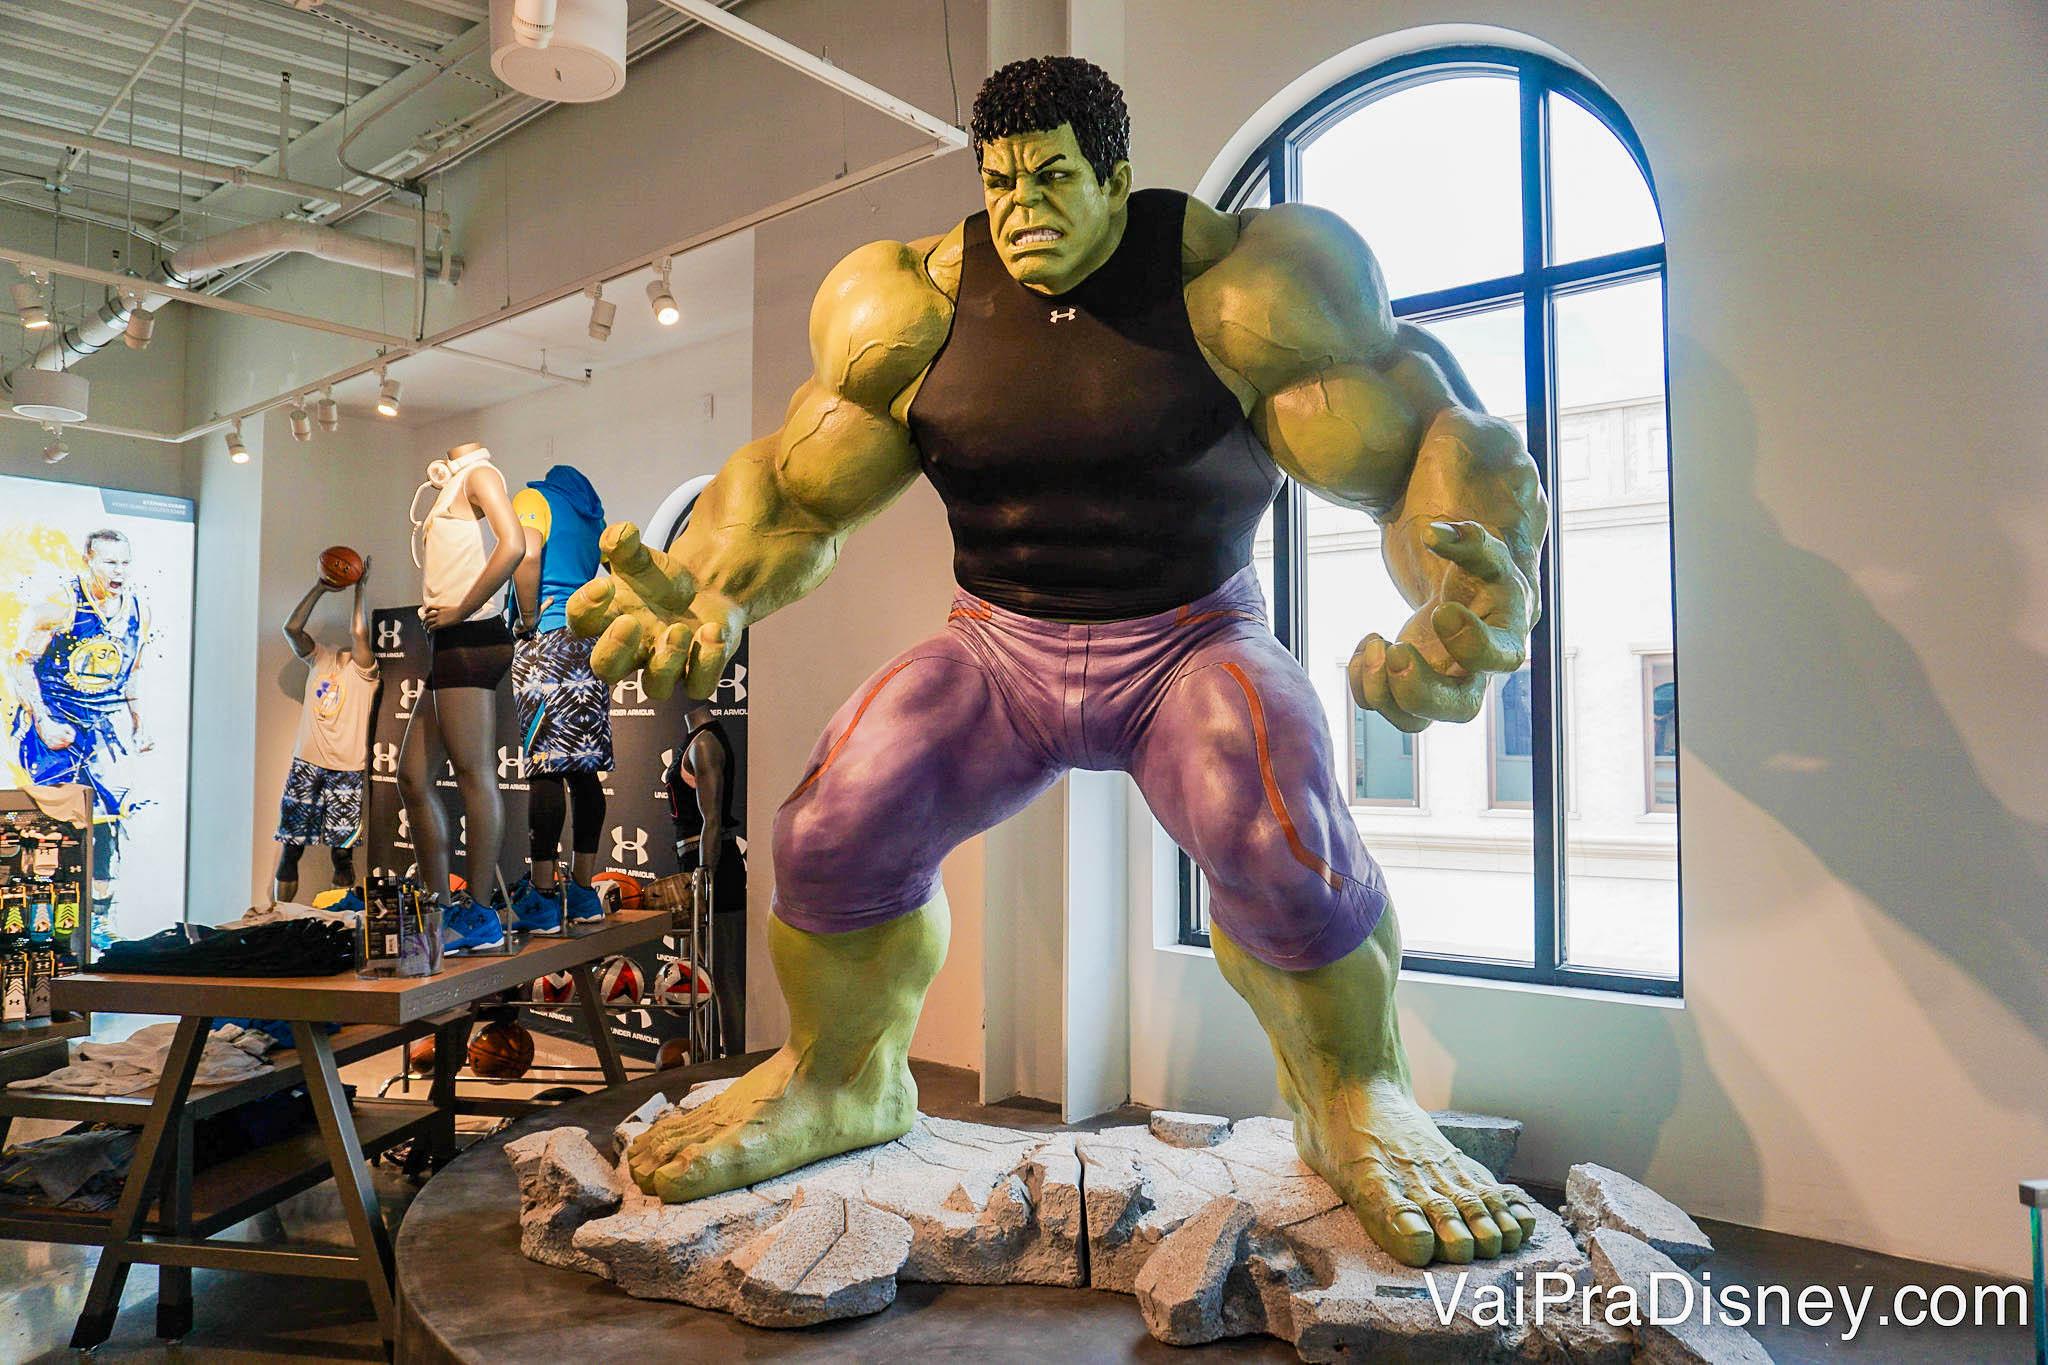 Imagem da estátua do Hulk na loja da Under Armour. Ele está vestido com uma regata preta da marca e shorts roxos.